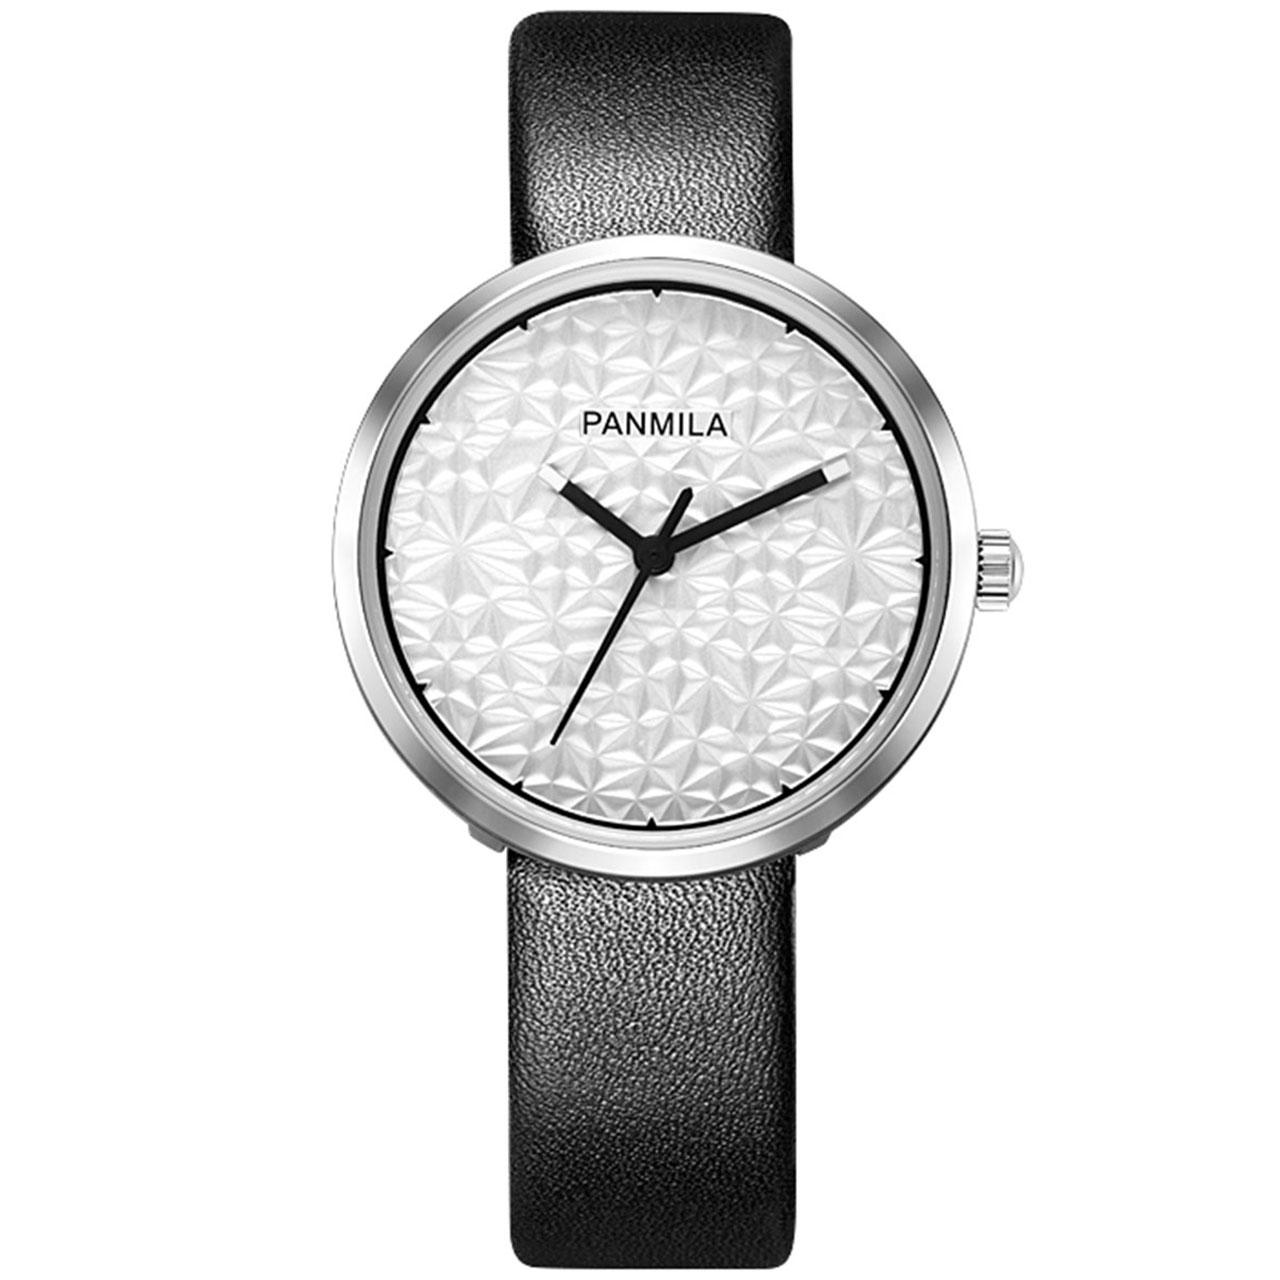 ساعت مچی عقربه ای زنانه پانمیلا مدل P0179MDZ1WHW